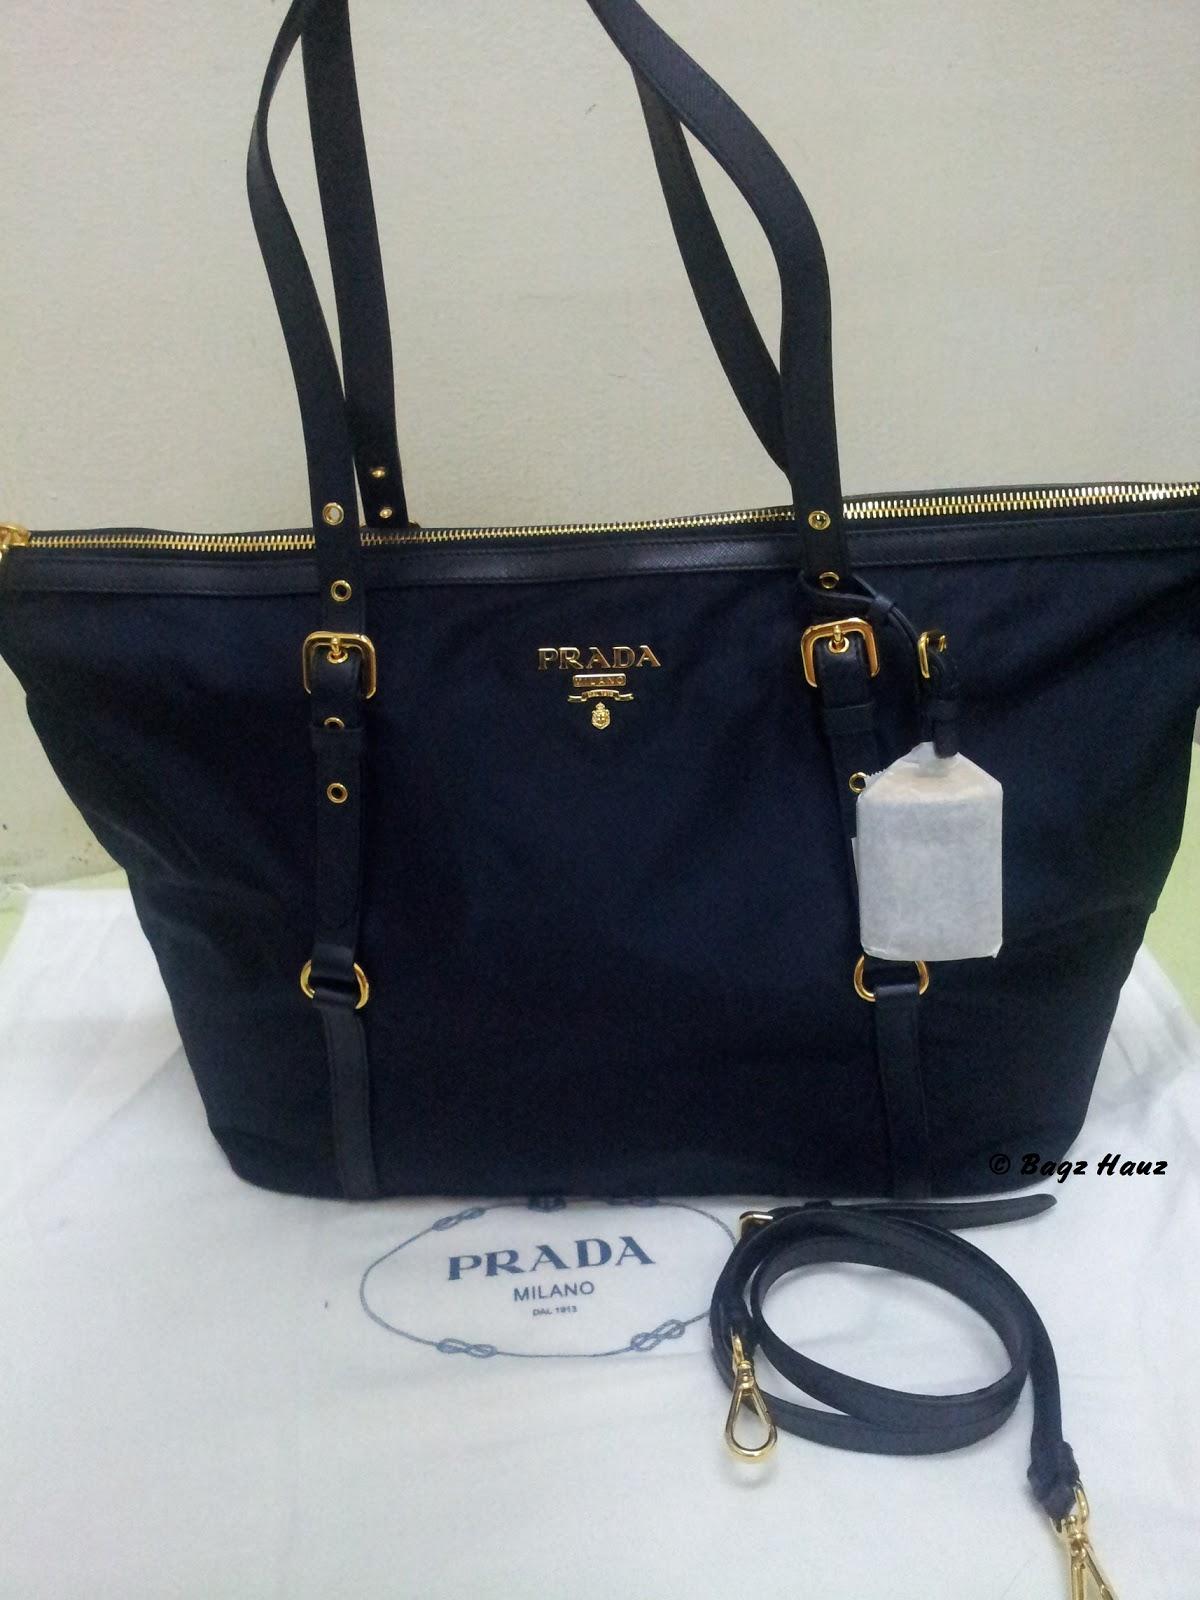 Prada Bags: Prada Bag Br4253 Price